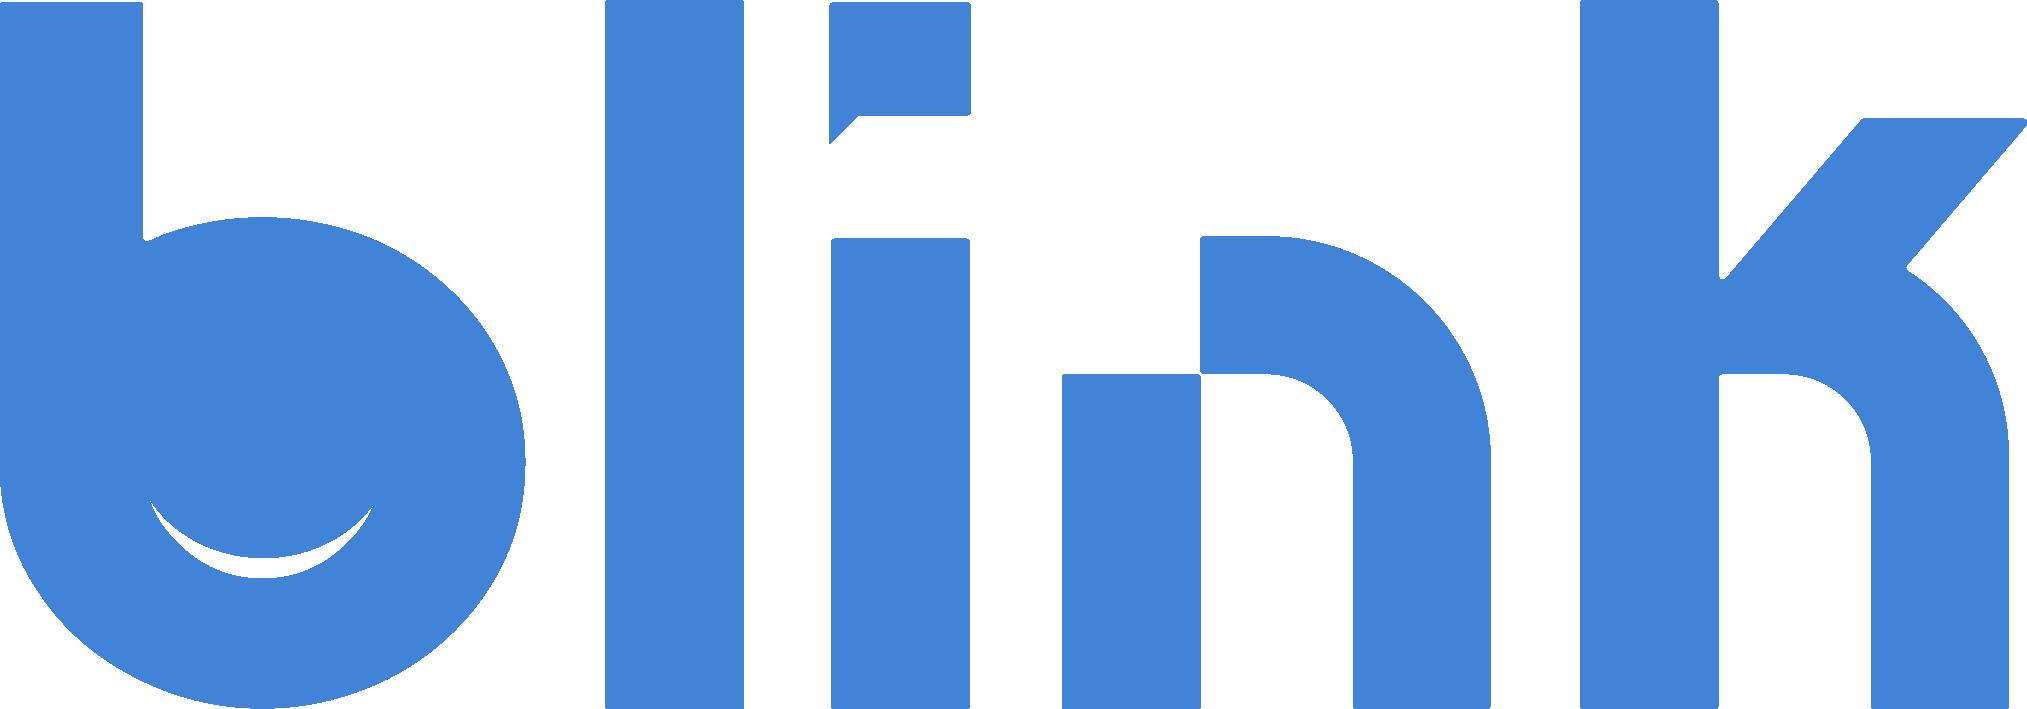 گروه طراحی سایت و اپلیکیشن بیلینک